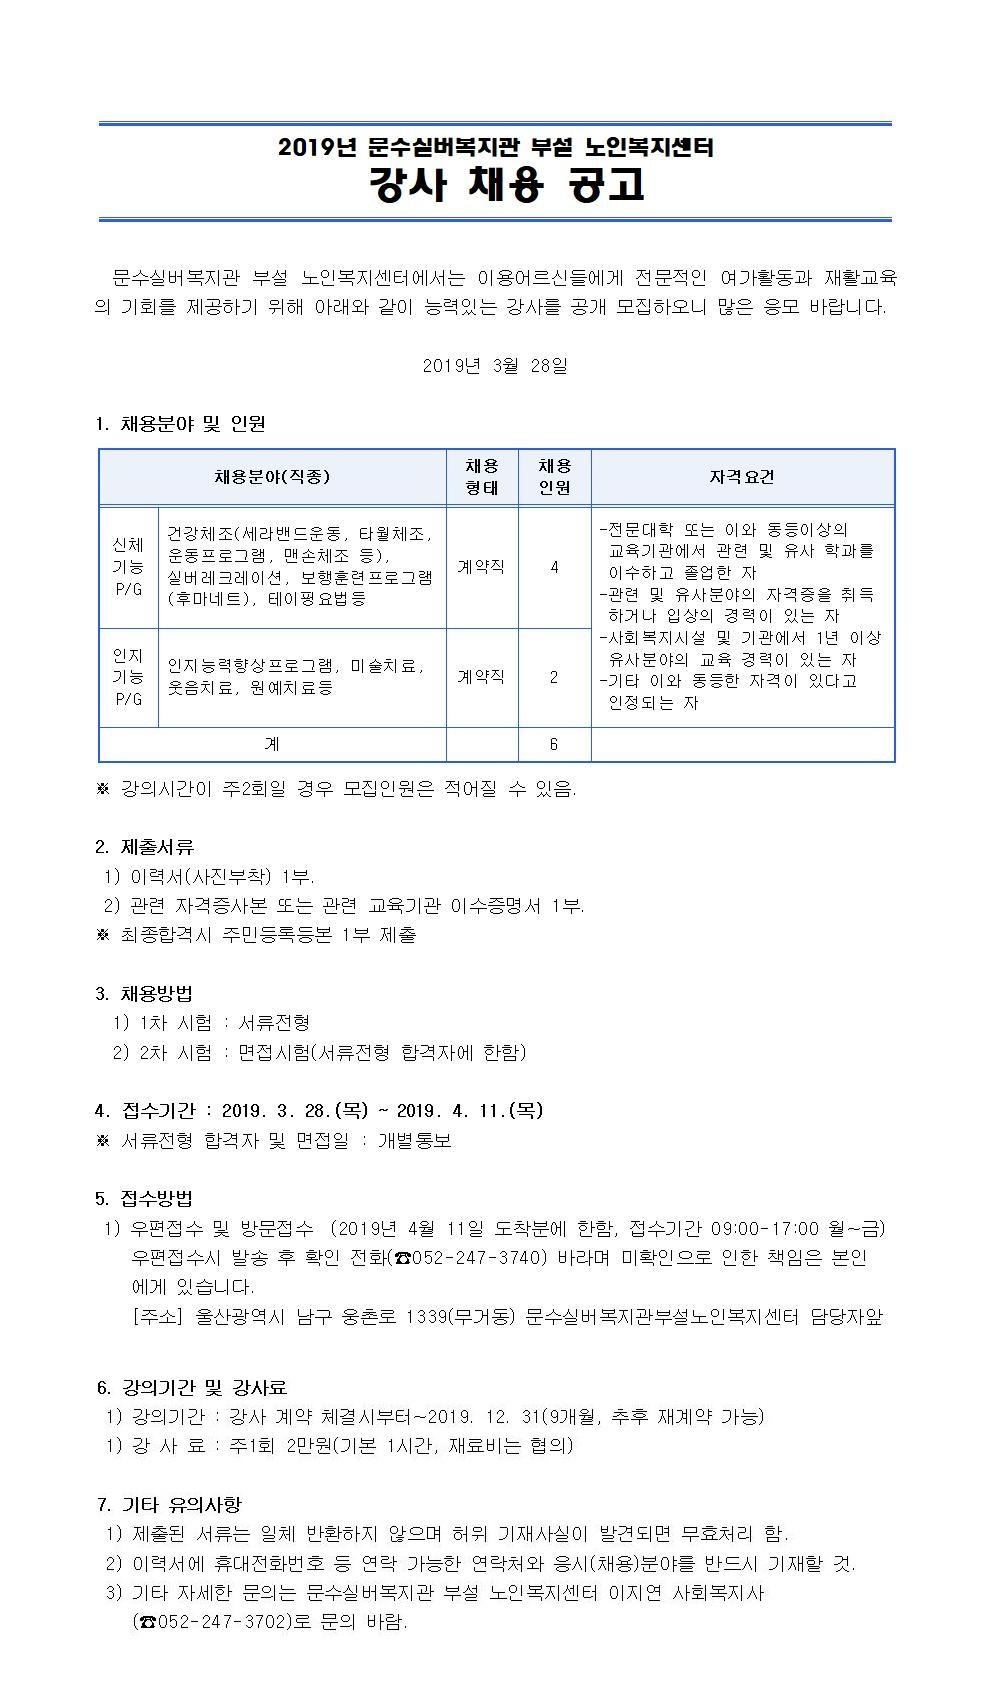 (홈페이지게시용)1.2019년3월강사모집.jpg